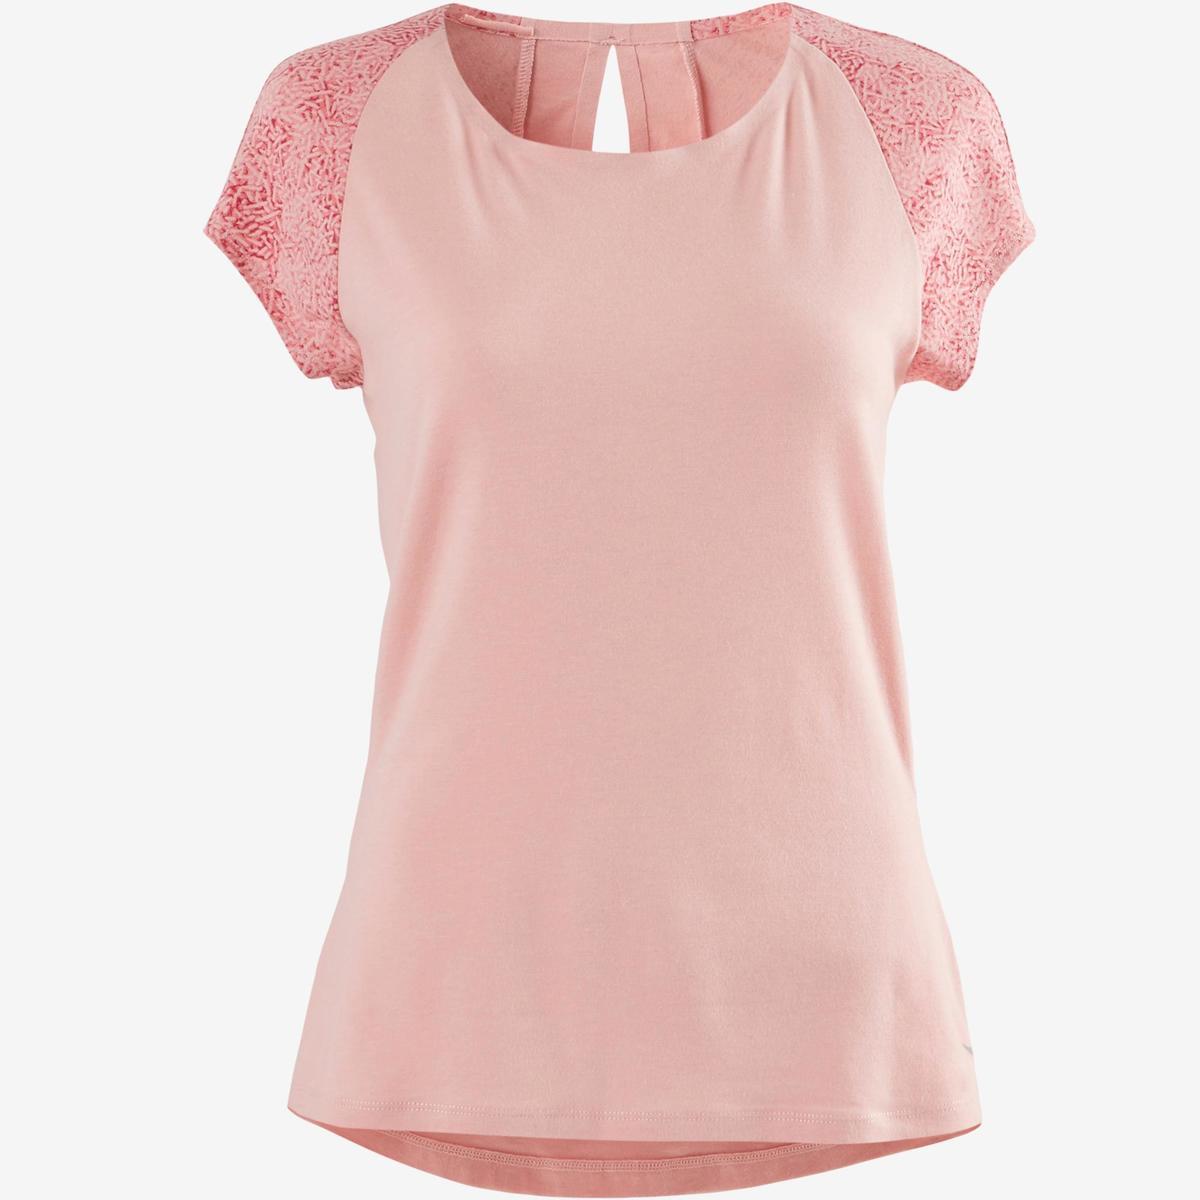 Bild 2 von T-Shirt 520 Pilates sanfte Gym Damen hellrosa